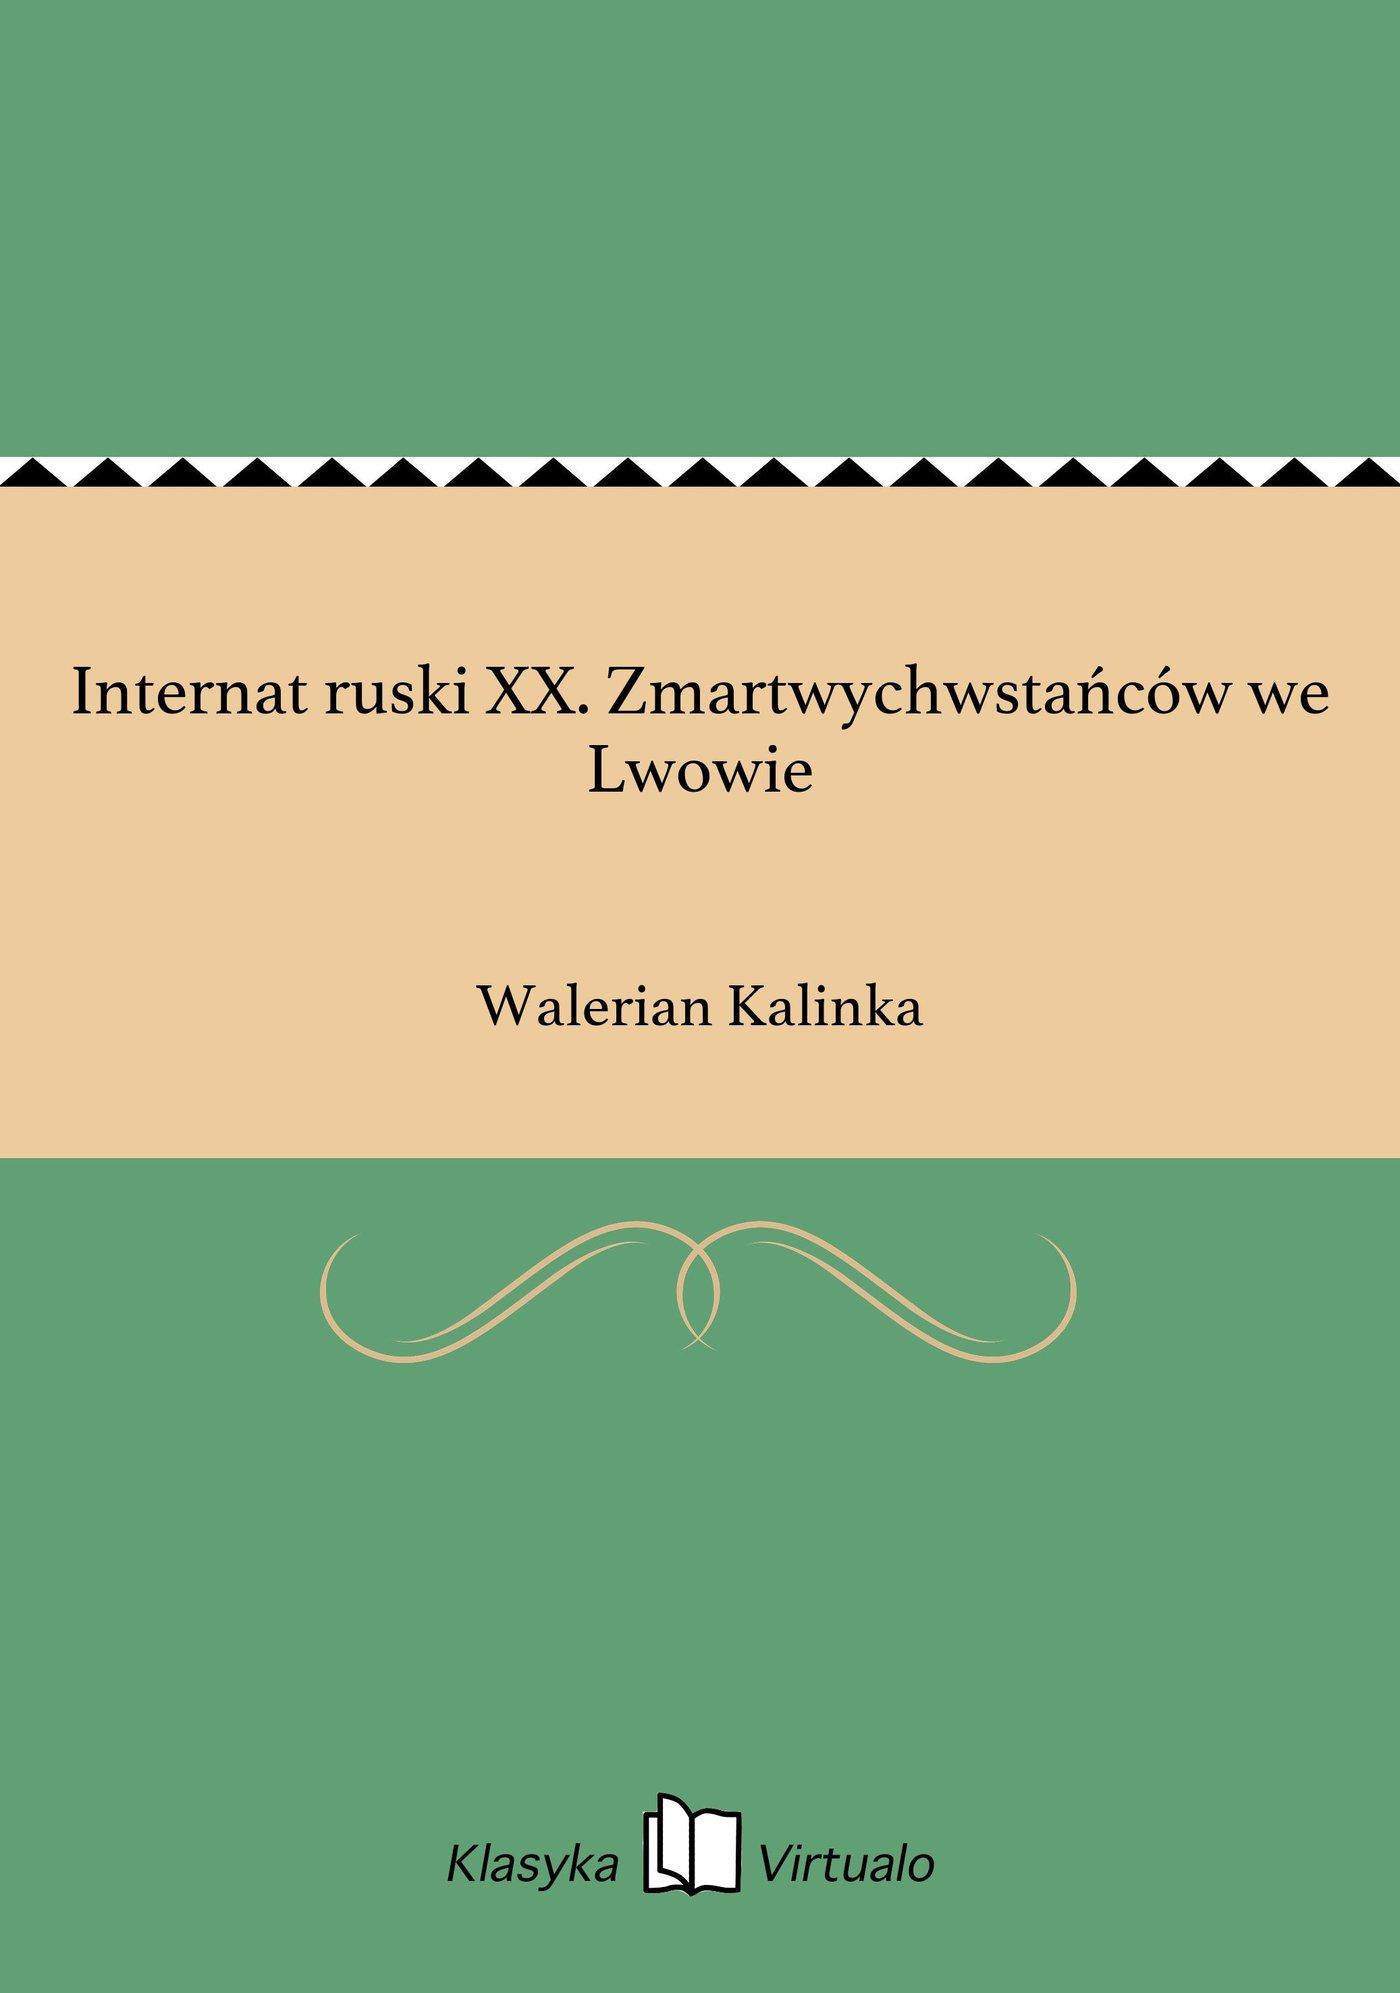 Internat ruski XX. Zmartwychwstańców we Lwowie - Ebook (Książka na Kindle) do pobrania w formacie MOBI